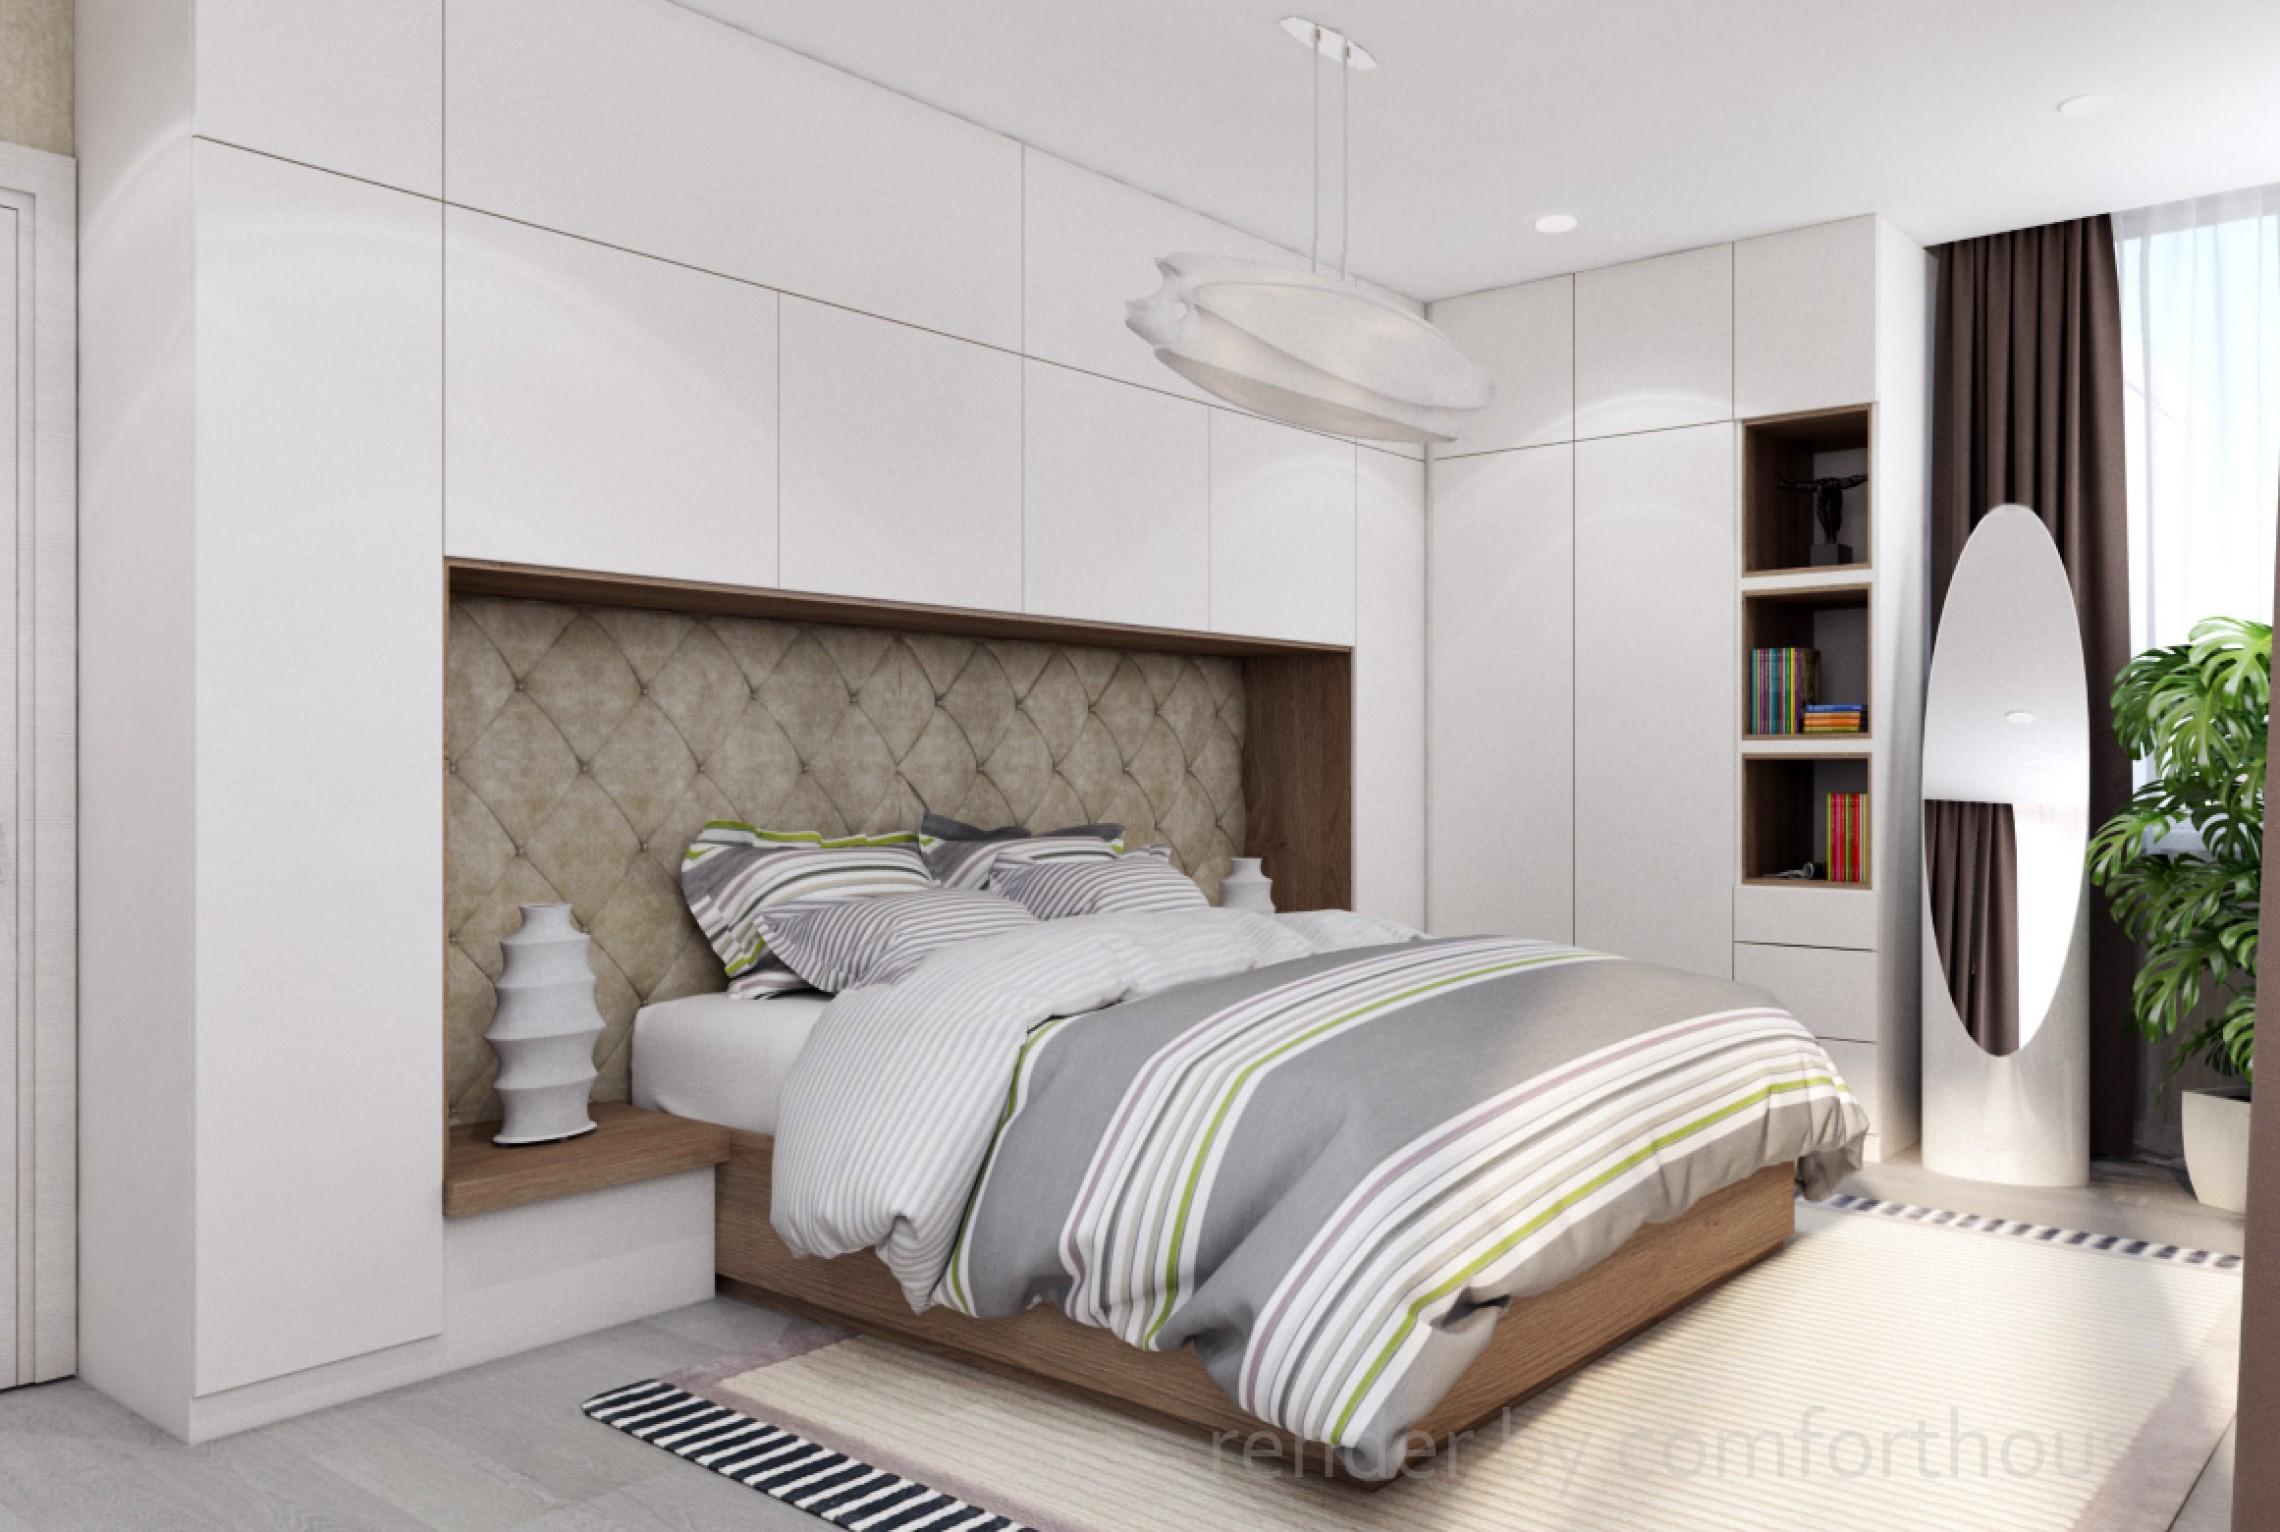 Modern light interior bedroom